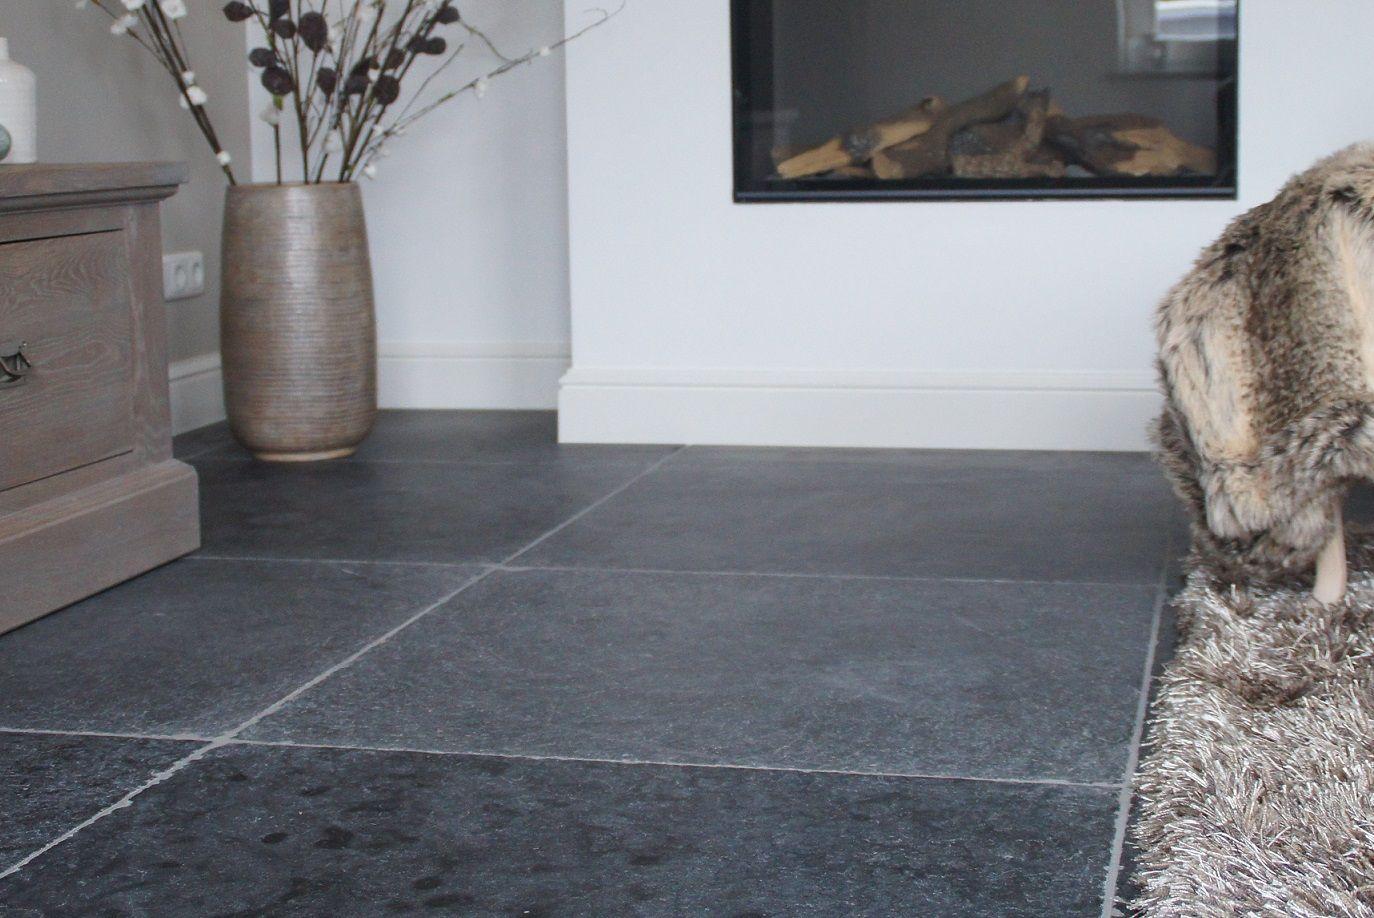 Natuursteen vloertegels vietnamese hardsteen soft finish binnen